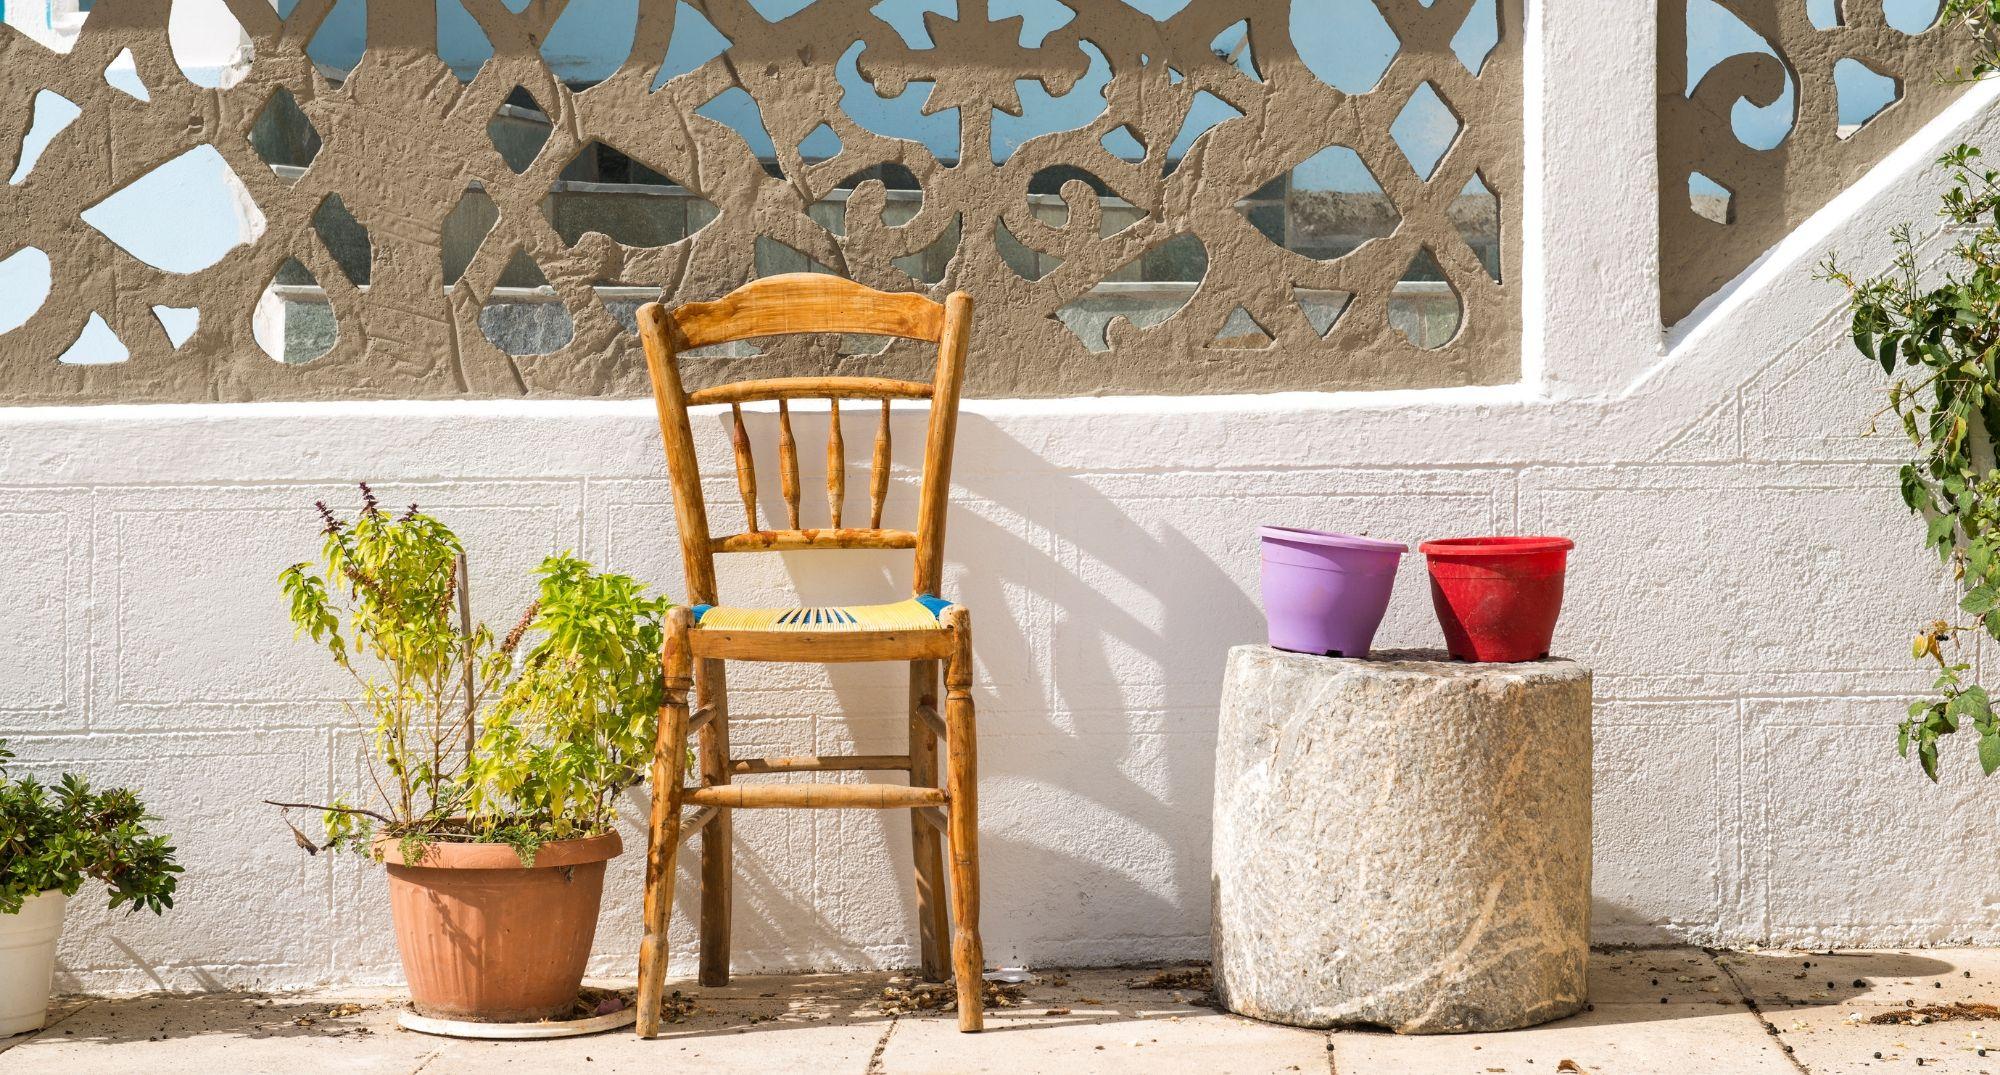 Vakantie Karpathos plannen | Bekijk de tips